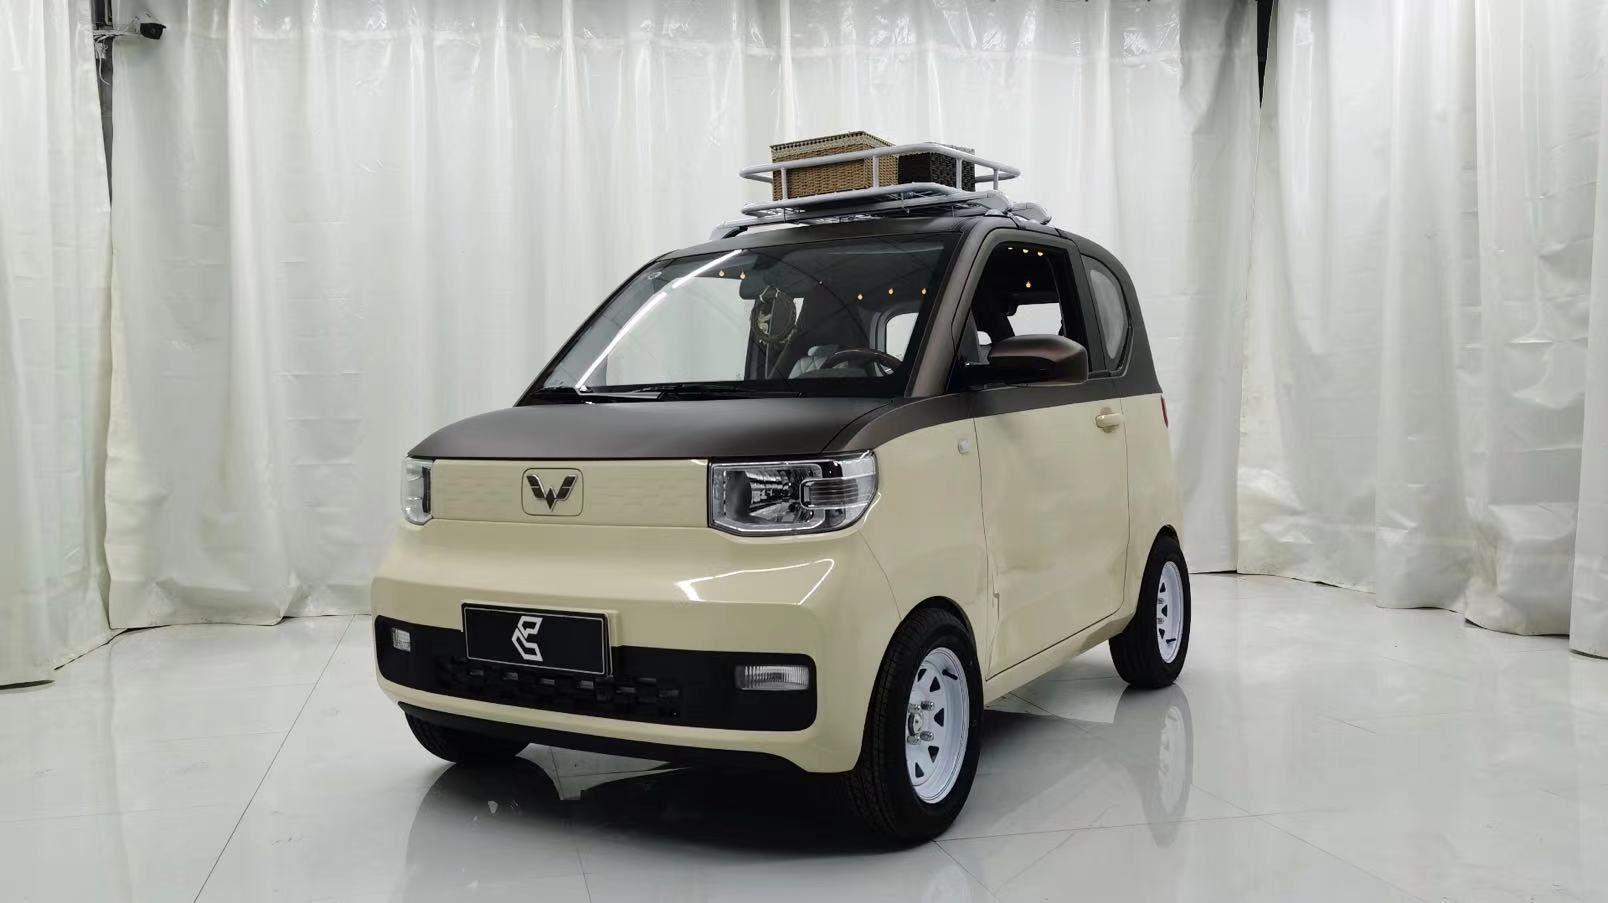 五菱宏光miniEV改裝輪轂案例,這小車真好玩